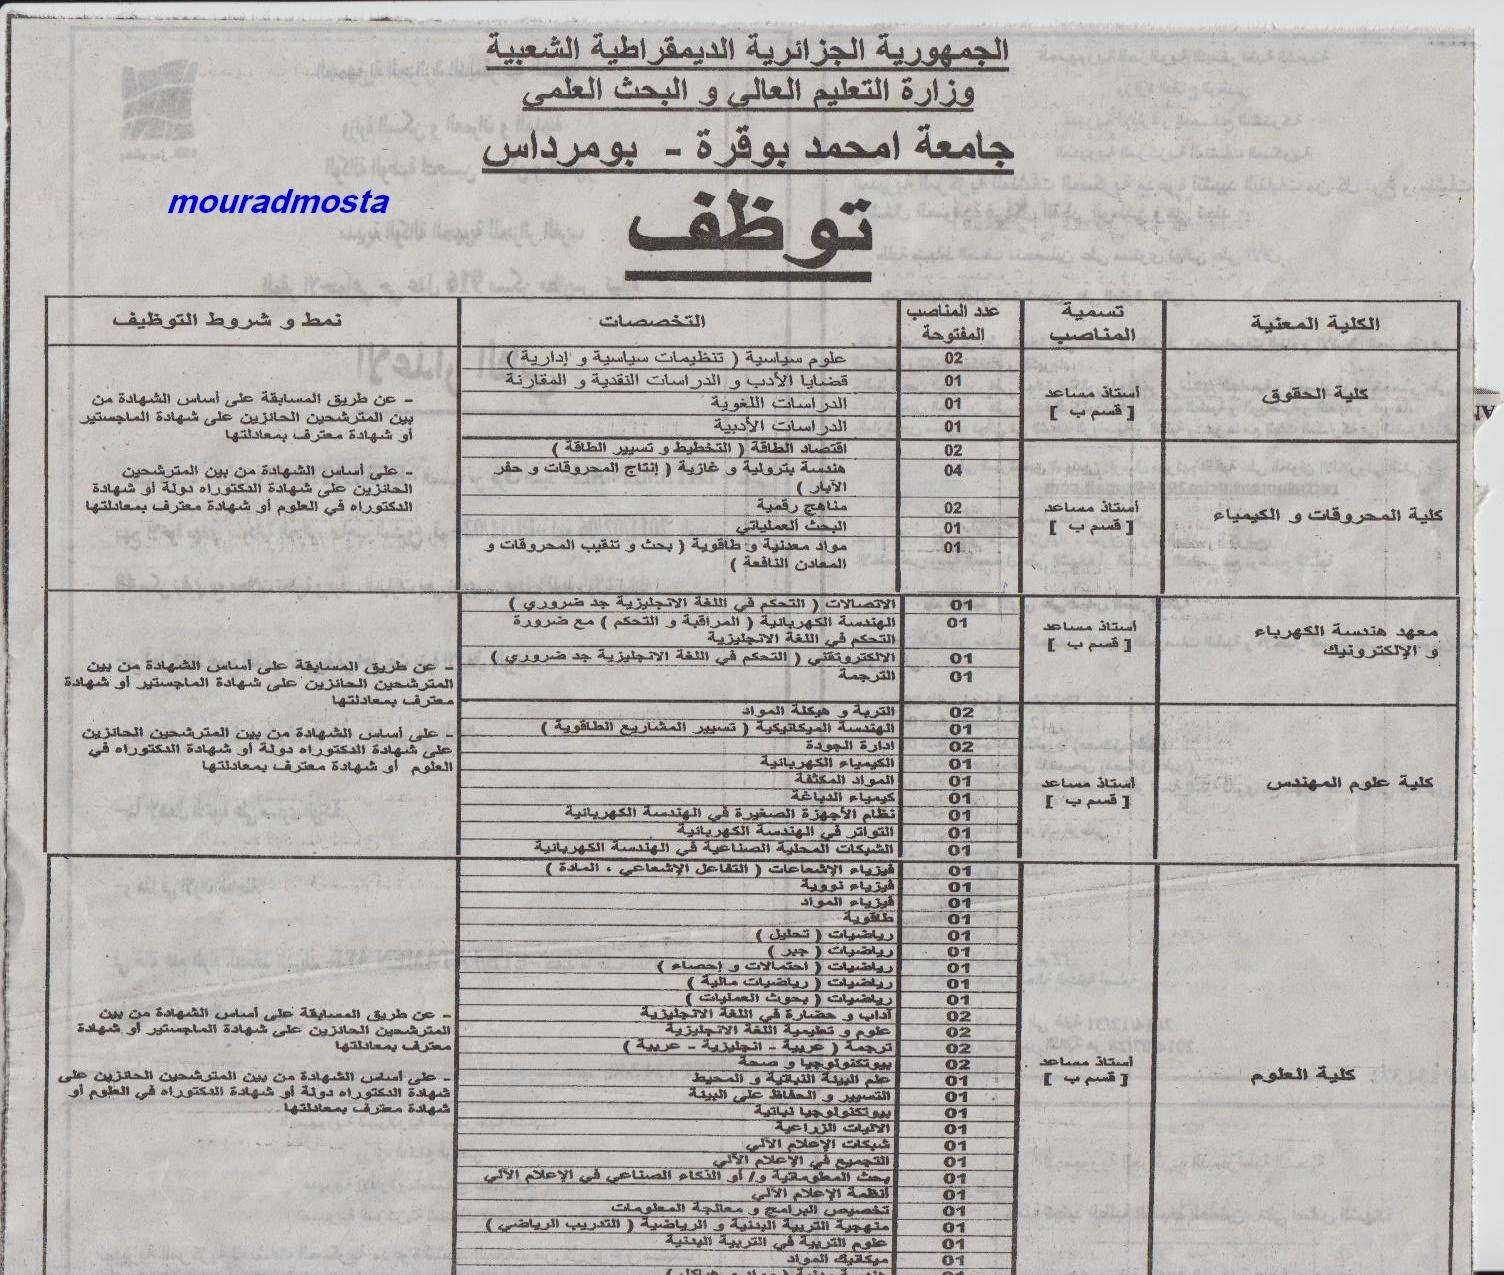 التوظيف في الجزائر : إعلان توظيف في جامعة امحمد بوقرة في بومرداس جويلية 2014